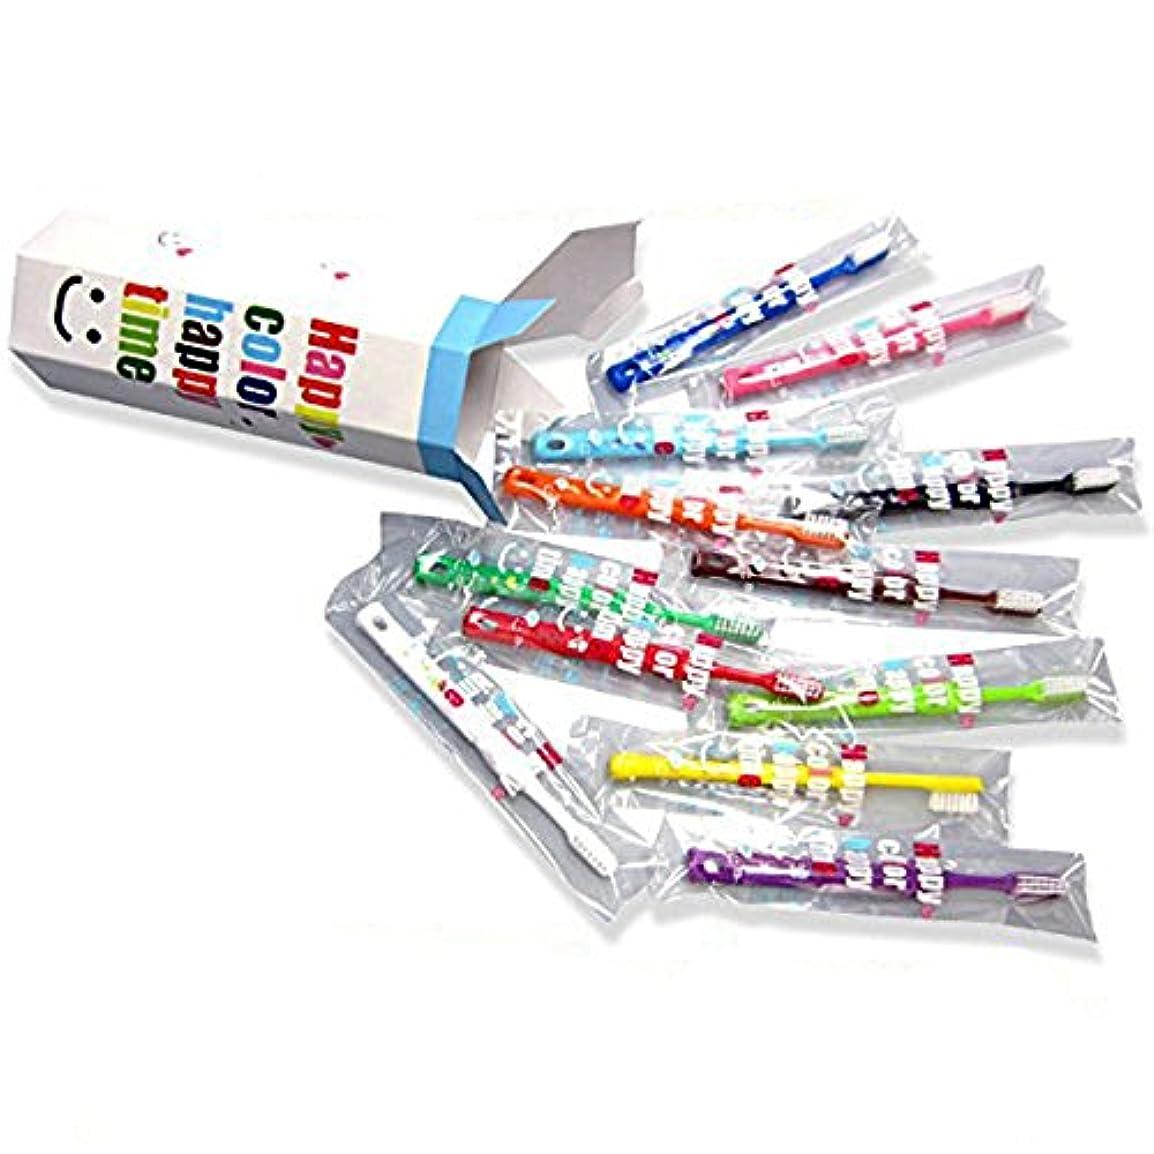 識別反対解読するラピス 子供 歯ブラシ ラピス LA-110 乳幼児 ハッピーカラー12色 セット 単品106